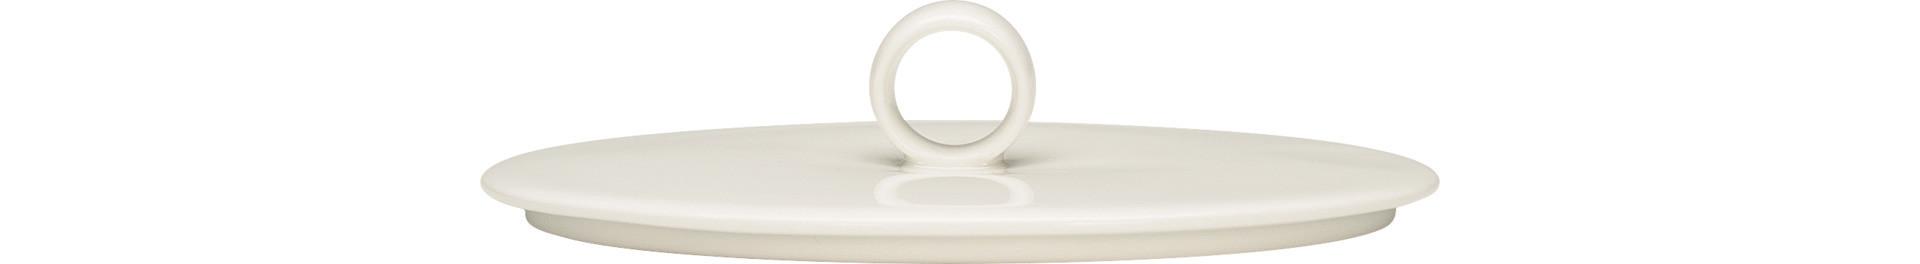 Purity, Deckel oval 168 x 126 mm für 0,50 l Schale